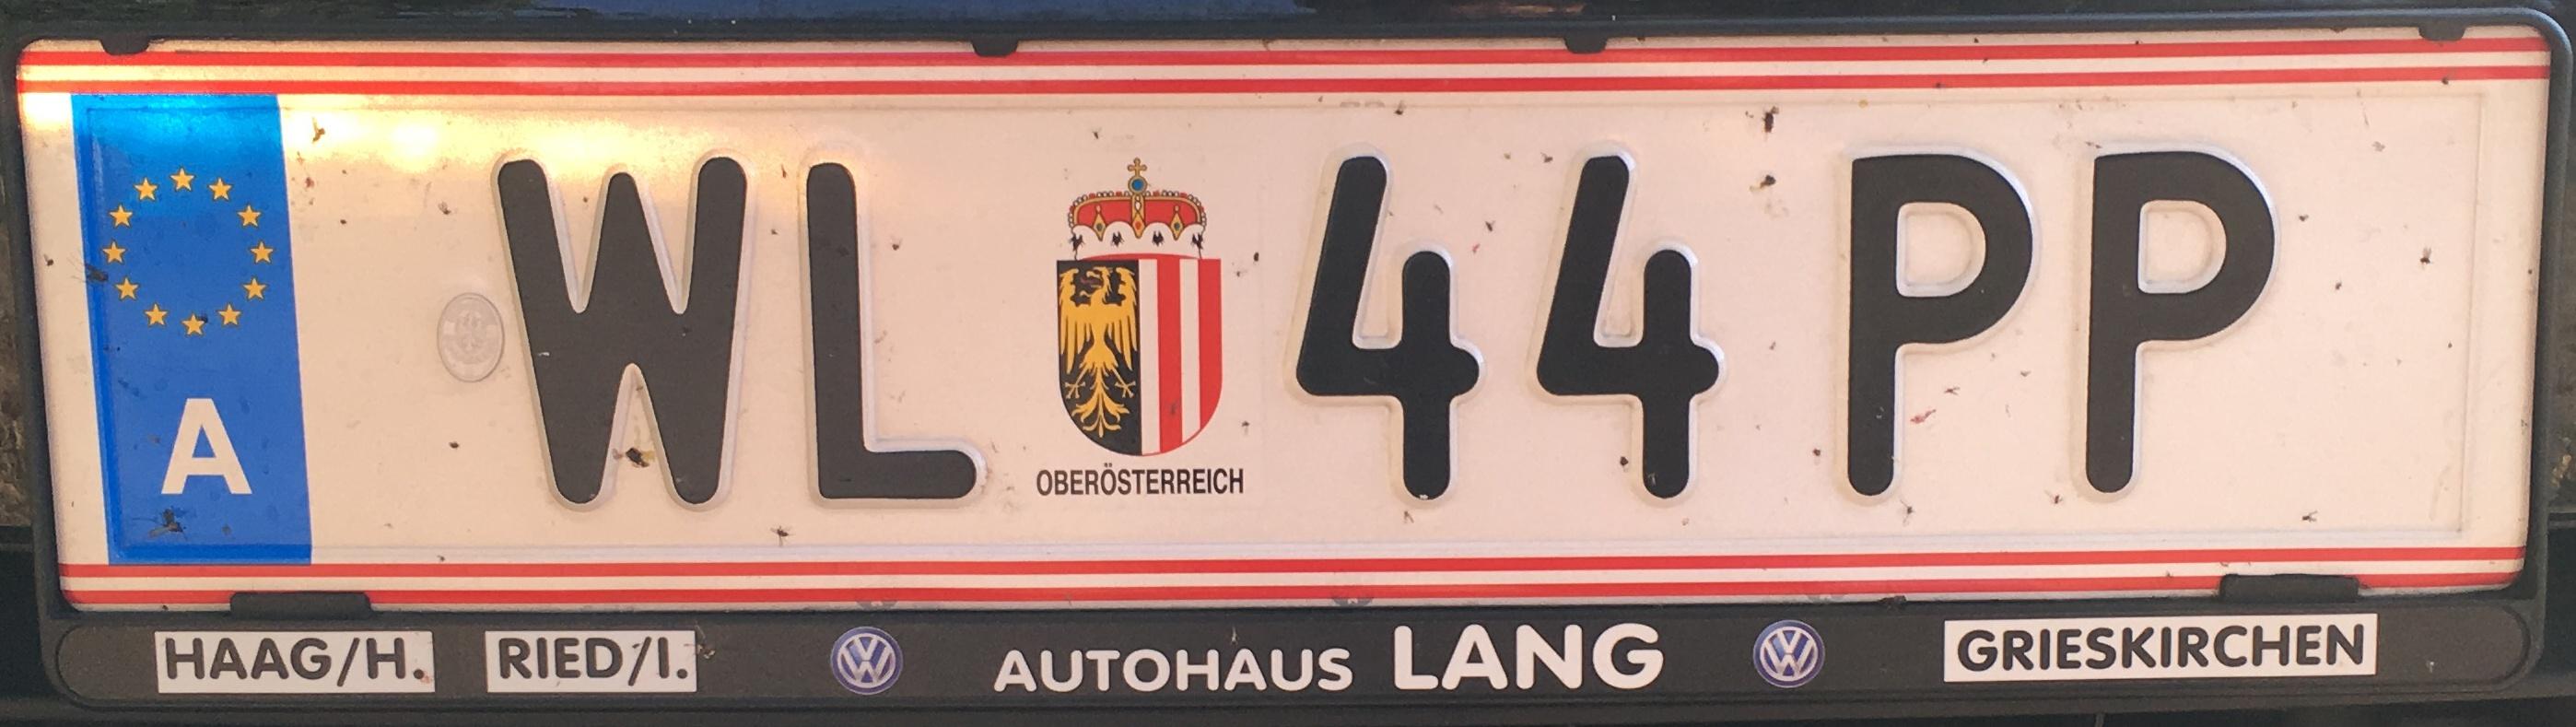 Registrační značka Rakousko - WL - Wels-venkov, foto: www.podalnici.cz